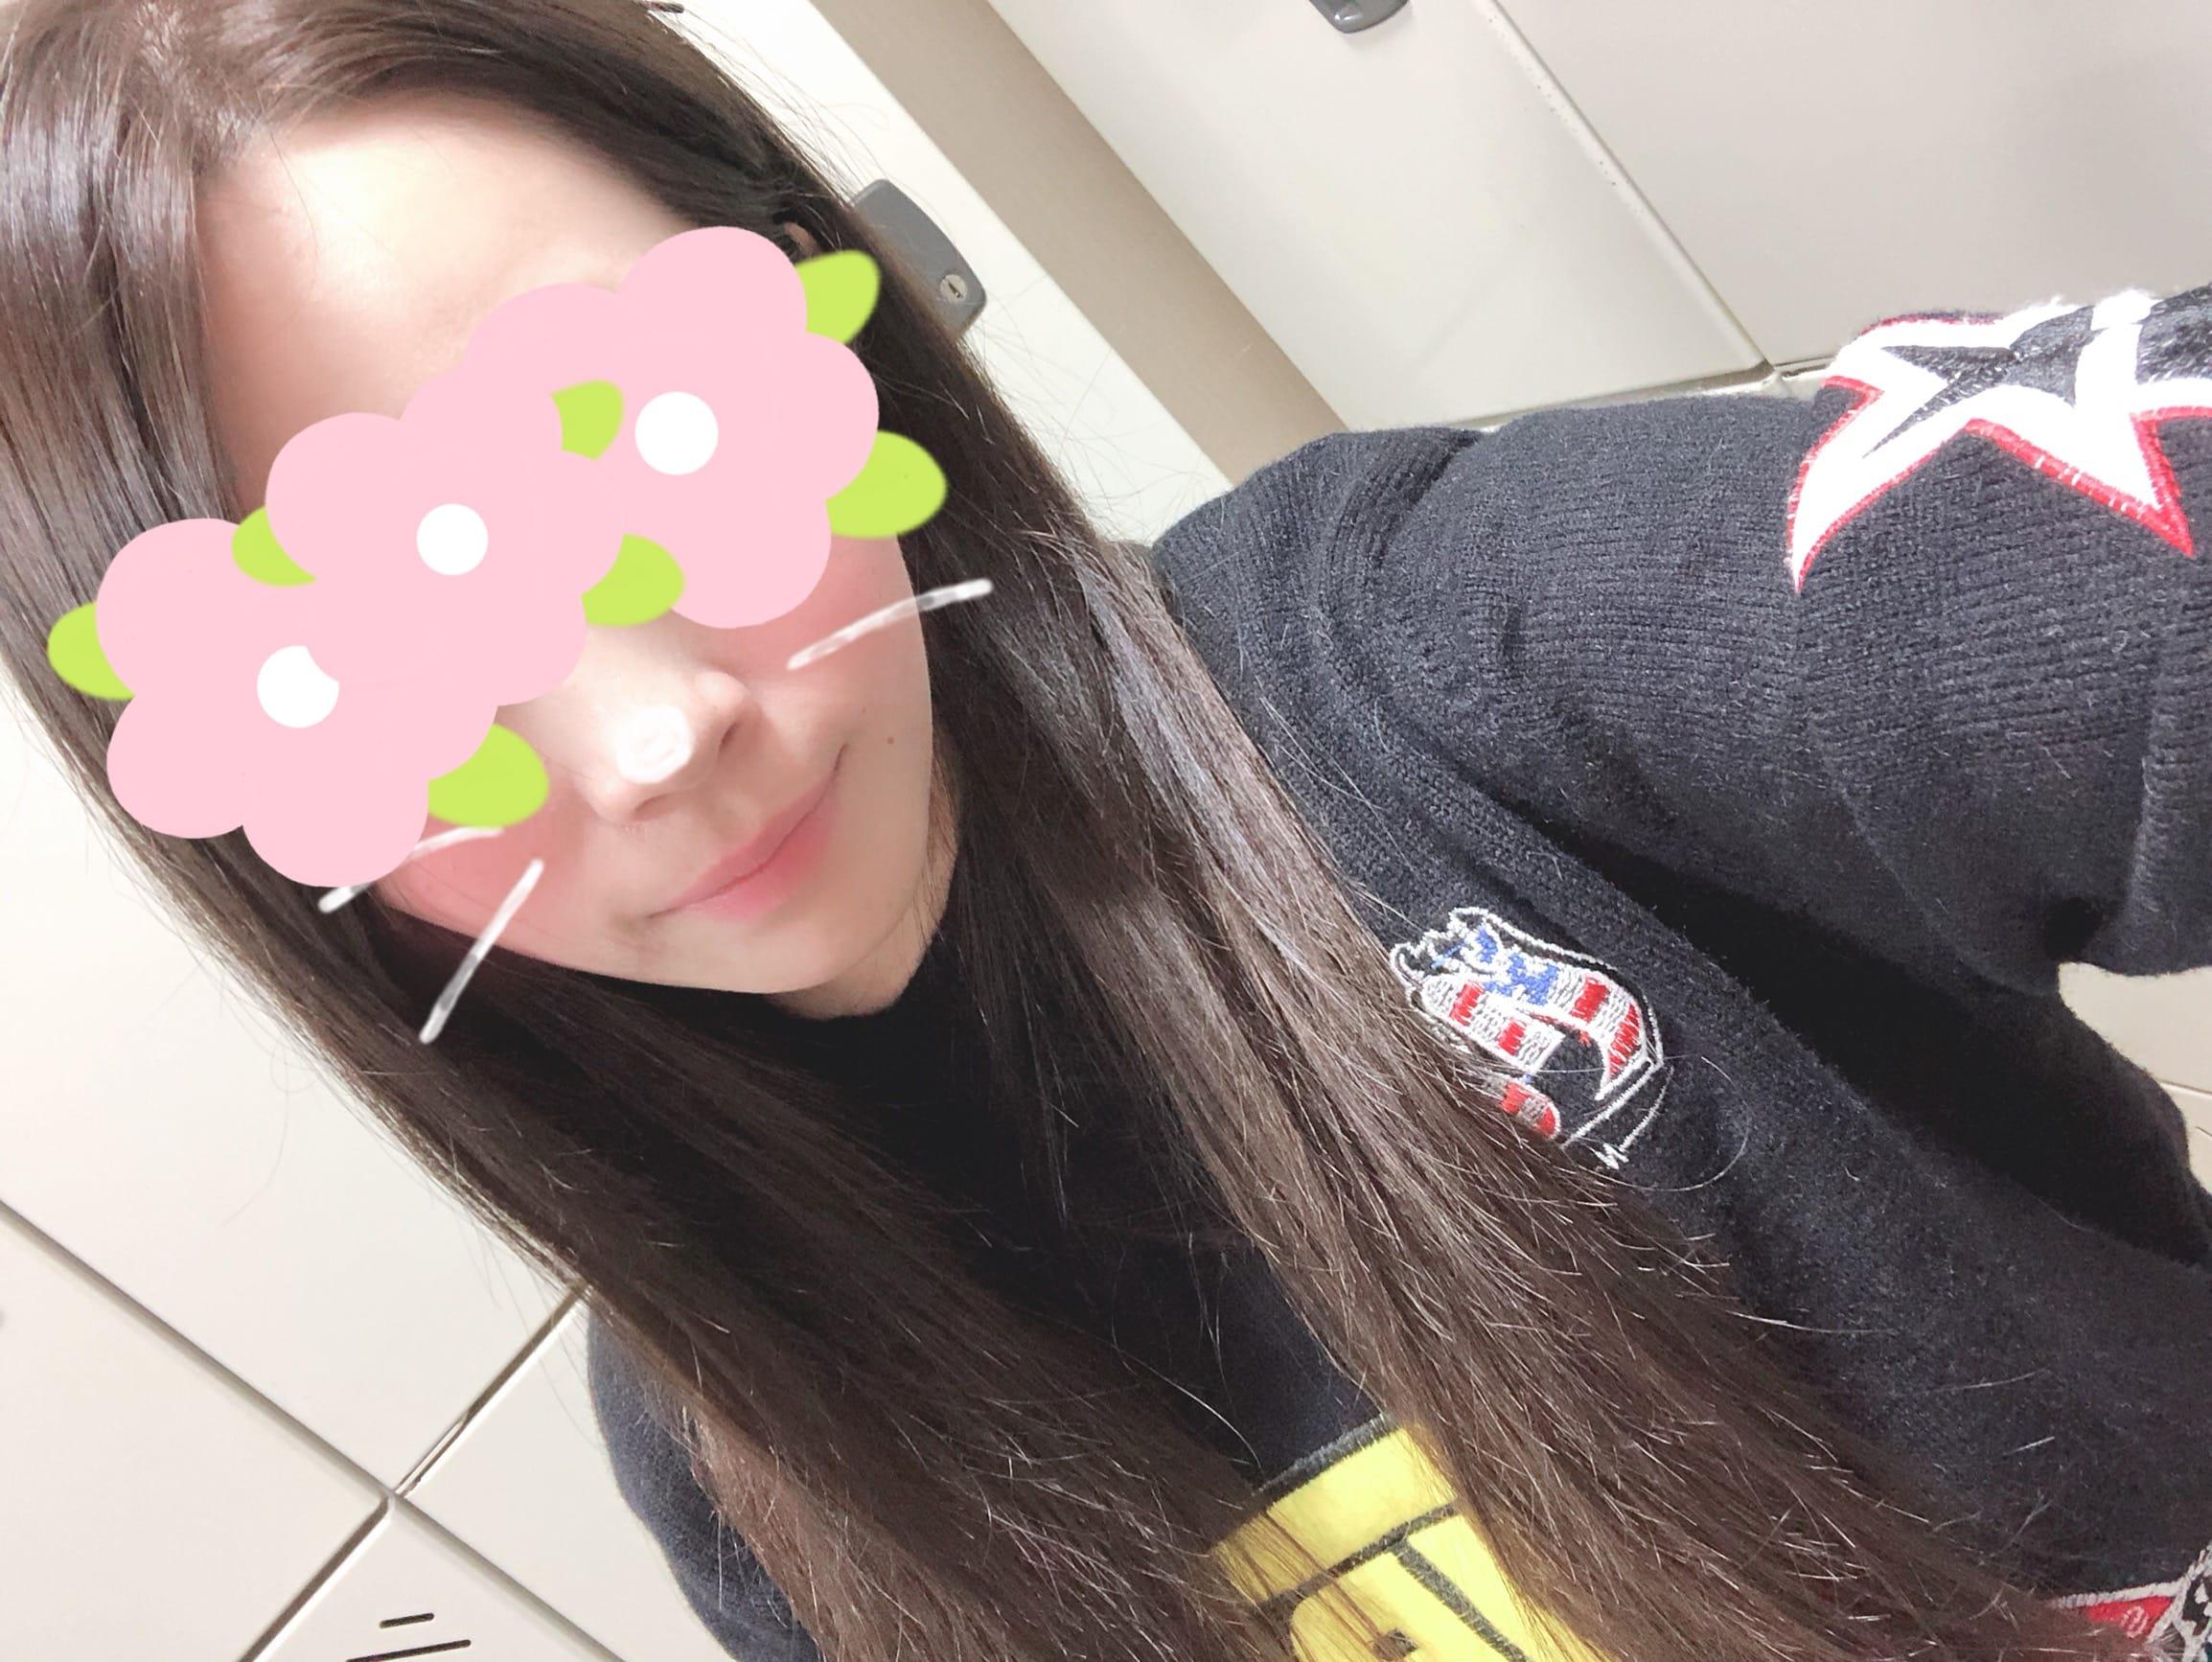 みお「みお」11/17(土) 17:08 | みおの写メ・風俗動画